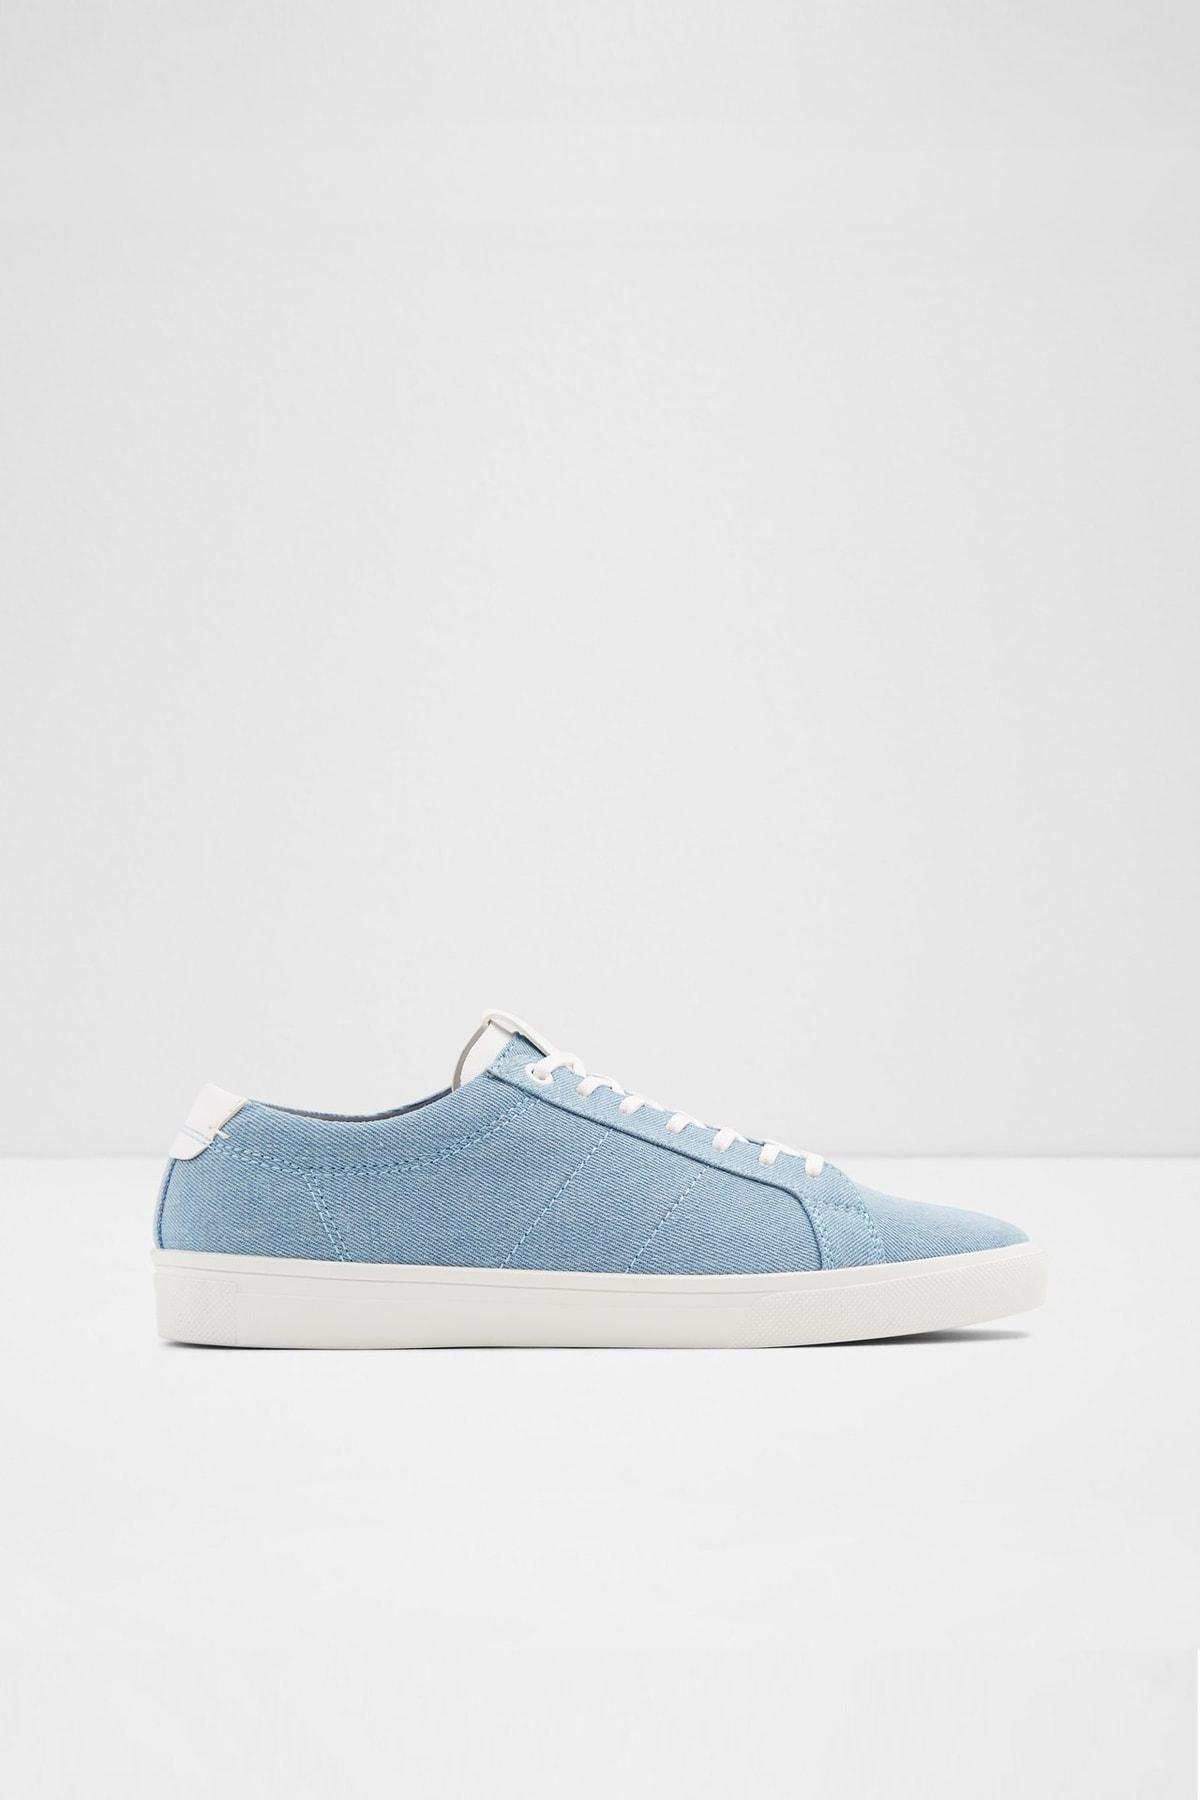 Aldo Karlo - Mavi Erkek Sneaker 1